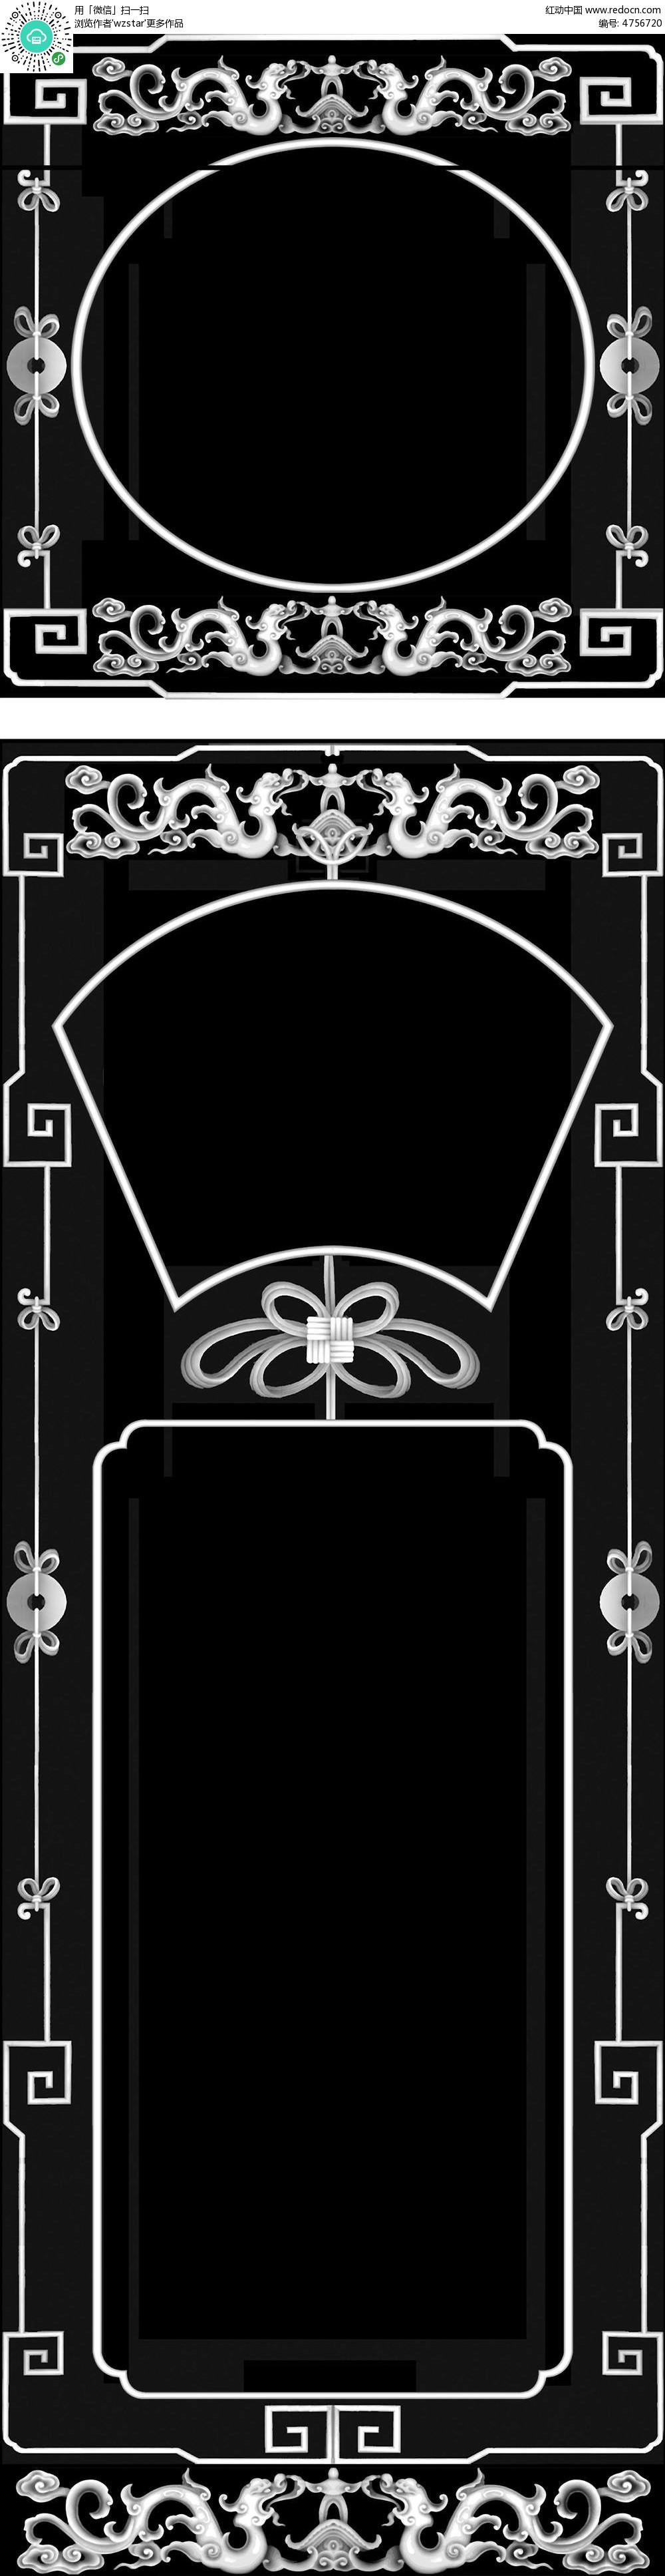 中式古典花纹黑白边框图其他免费下载图片